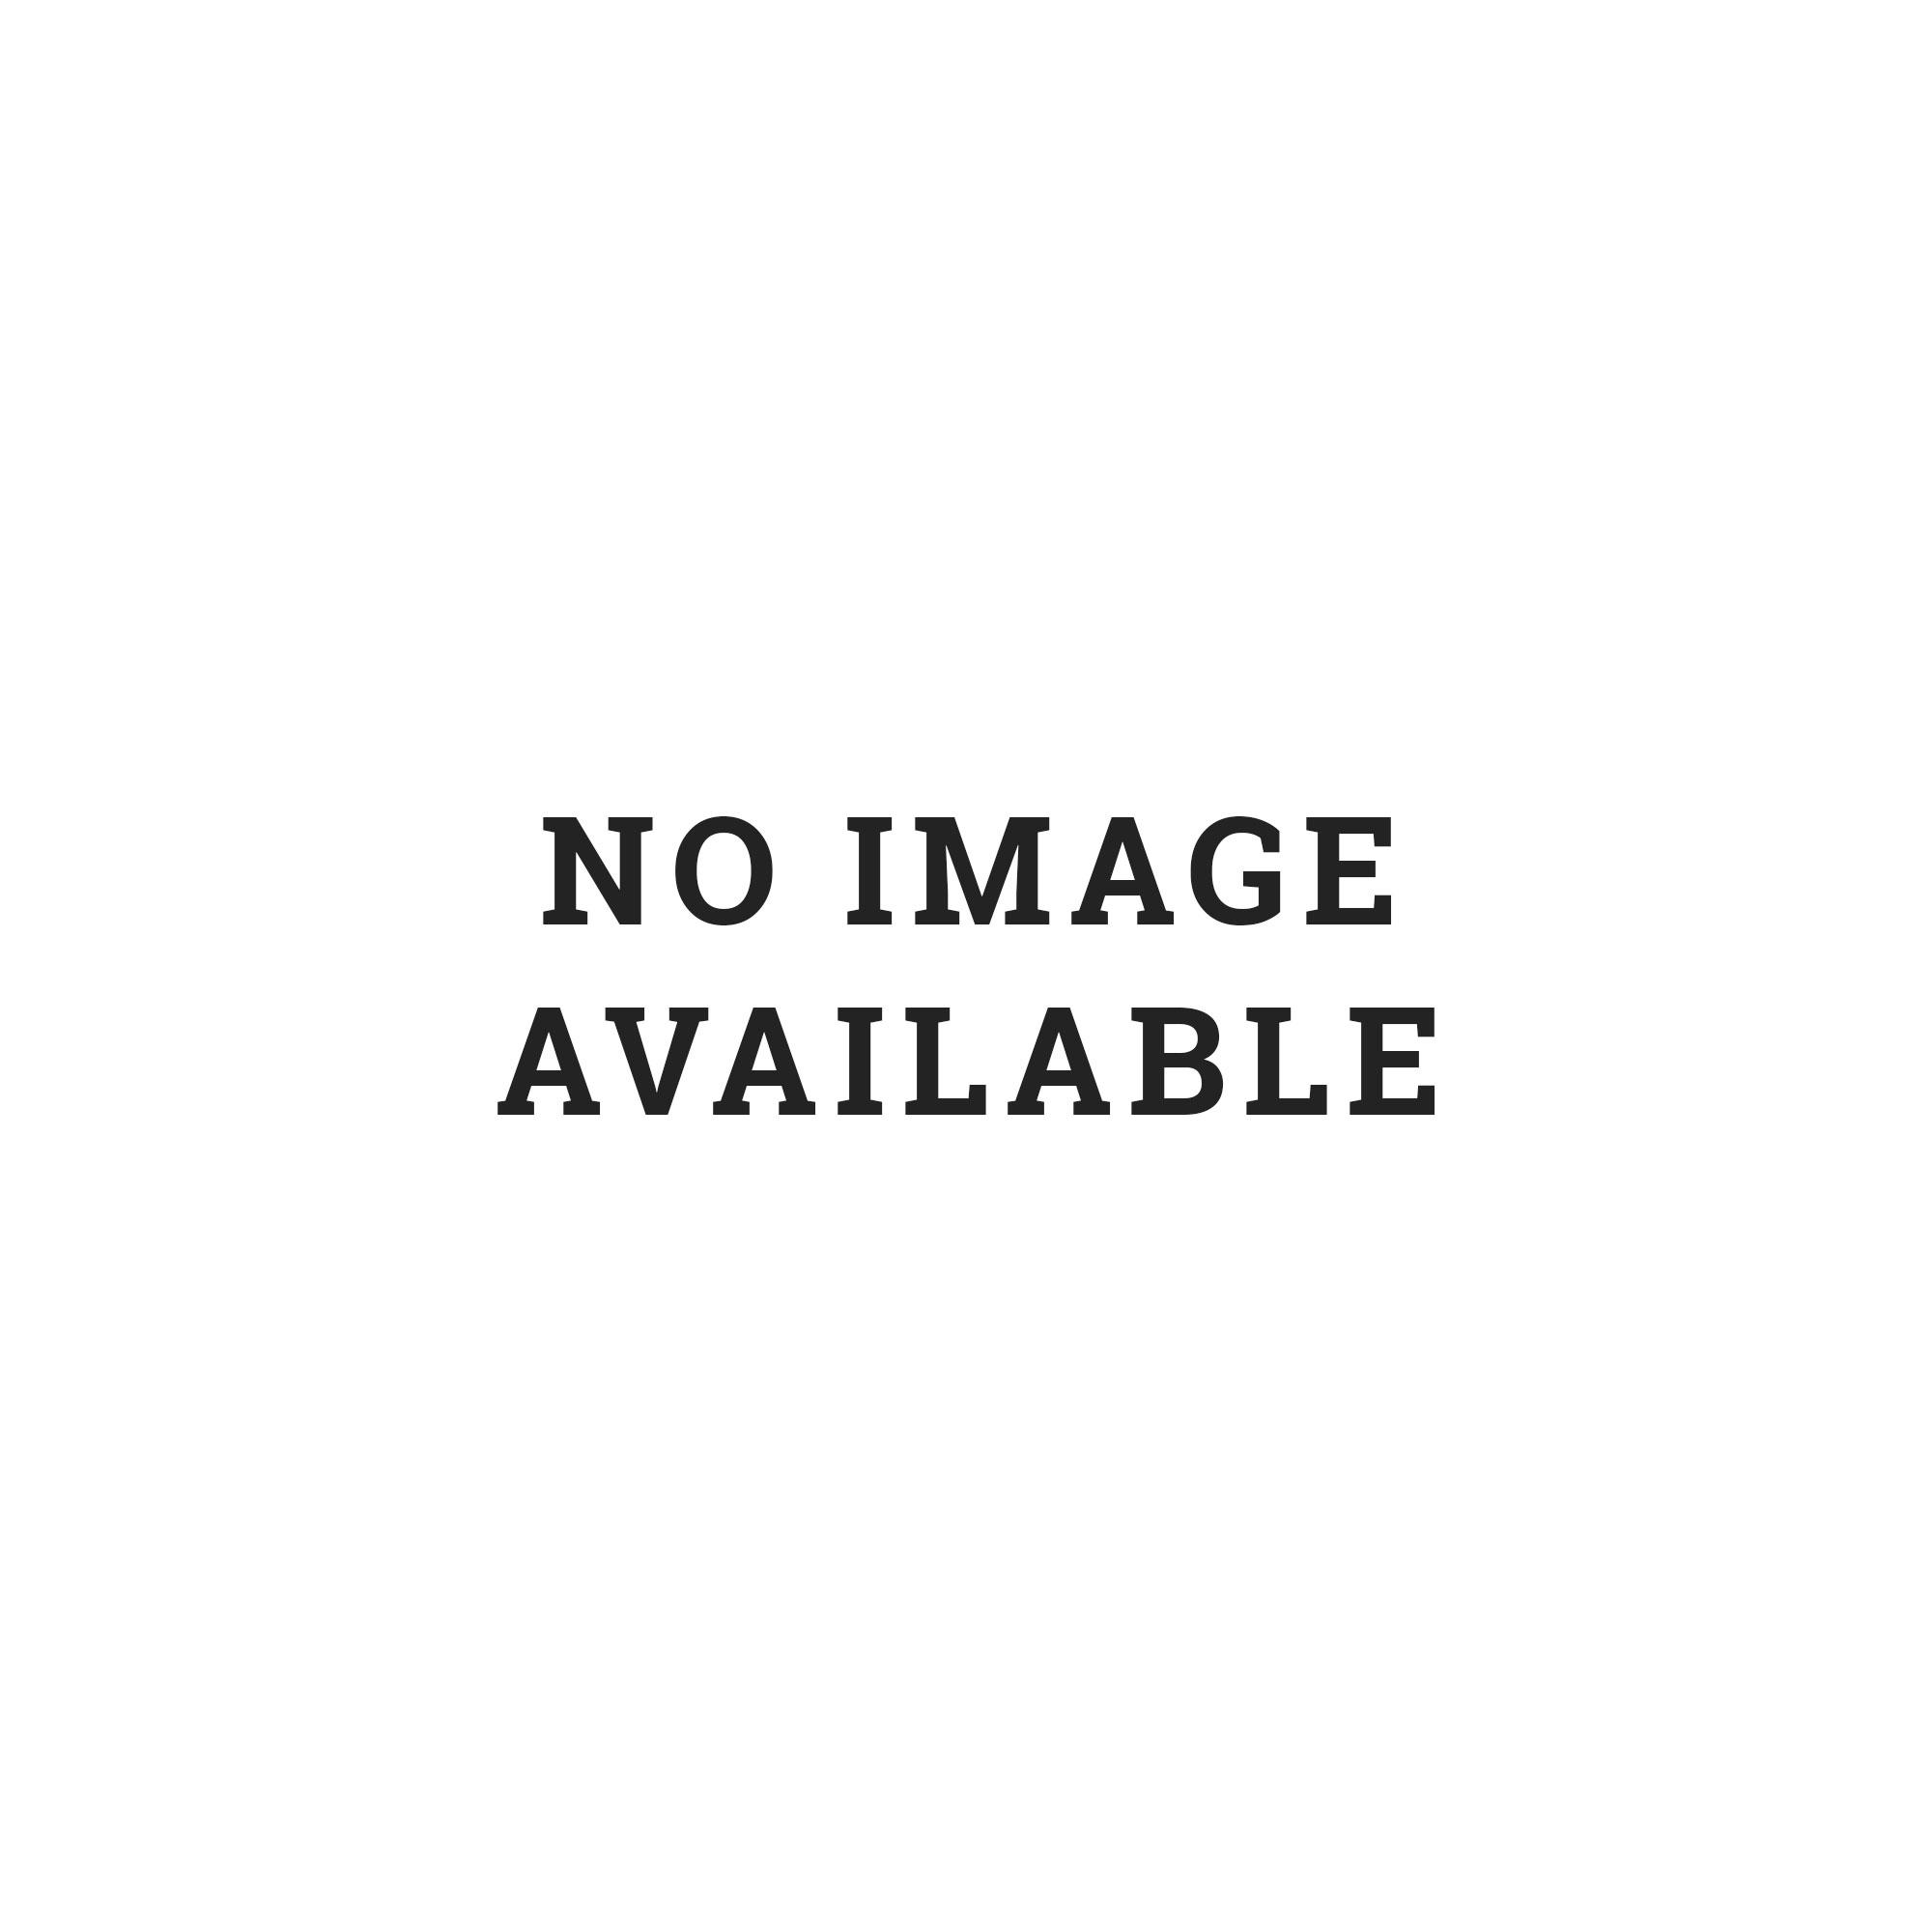 Pour Pas Cher Pas Cher Meilleur Gros À Vendre Dr. Martens Boots Magdalena Forfait De Compte À Rebours À Vendre 2018 Vente Pas Cher La Sortie En Vogue Om8asLufv